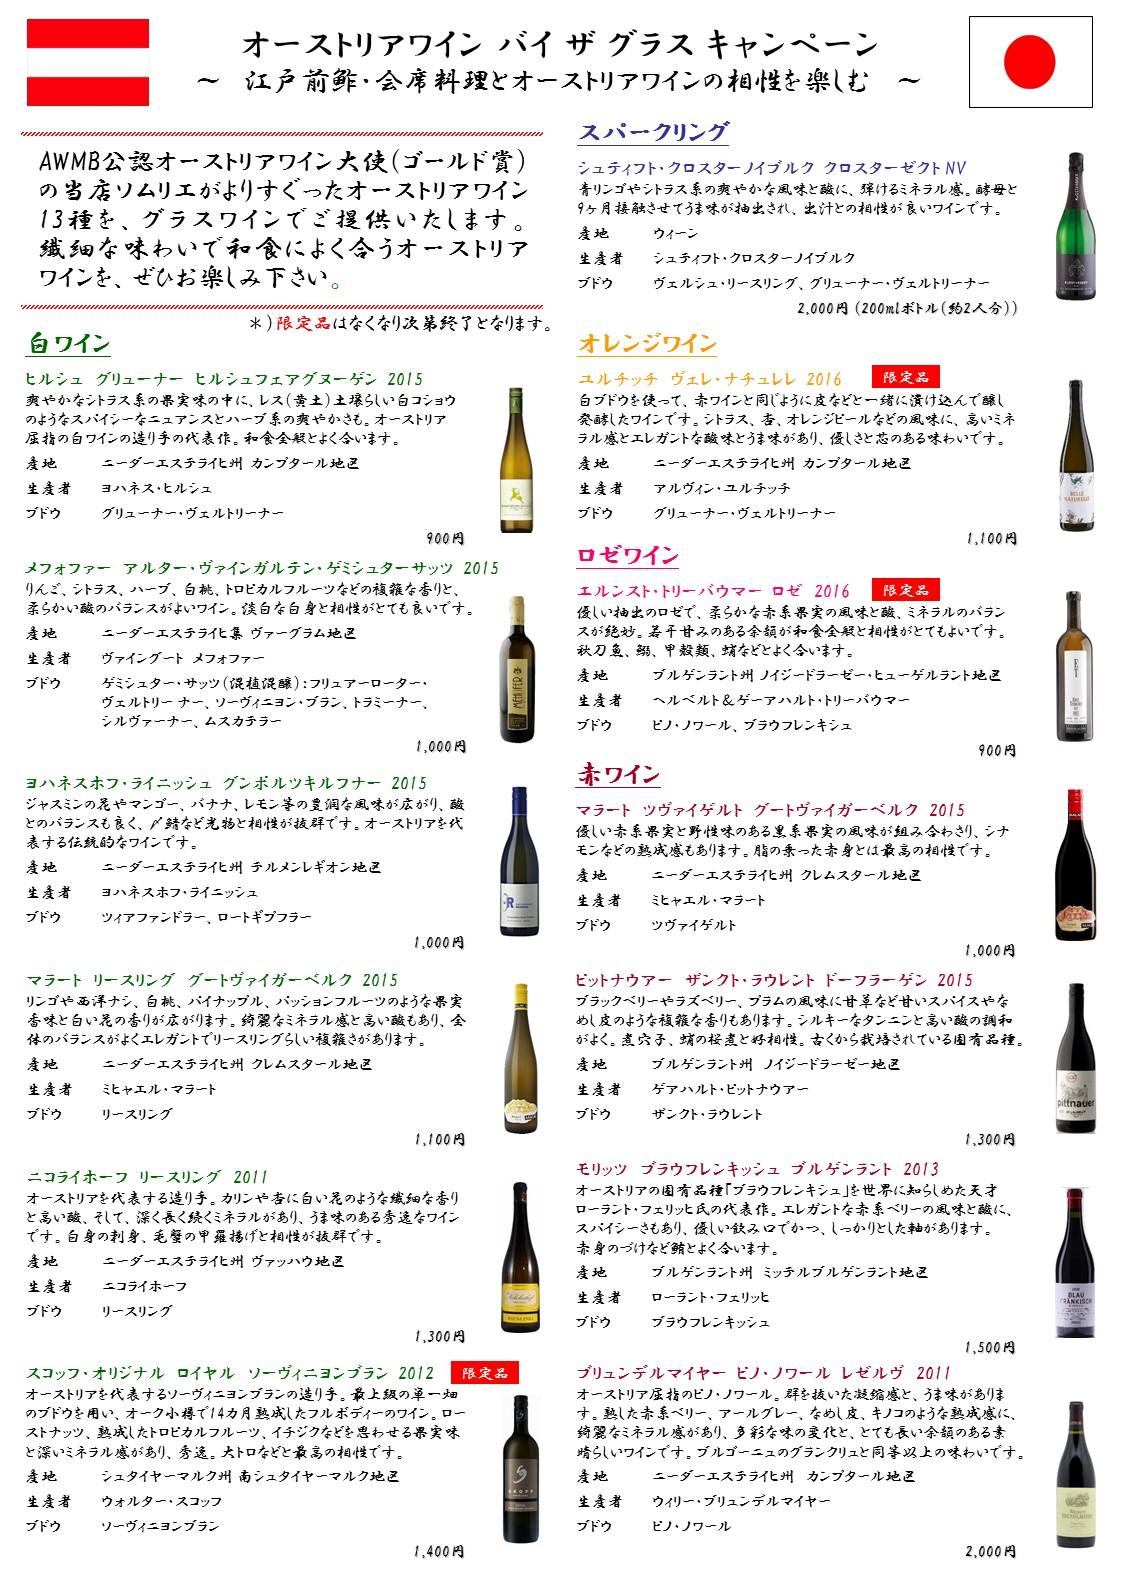 オーストリアワイン バイ・ザ・グラス キャンペーンv2